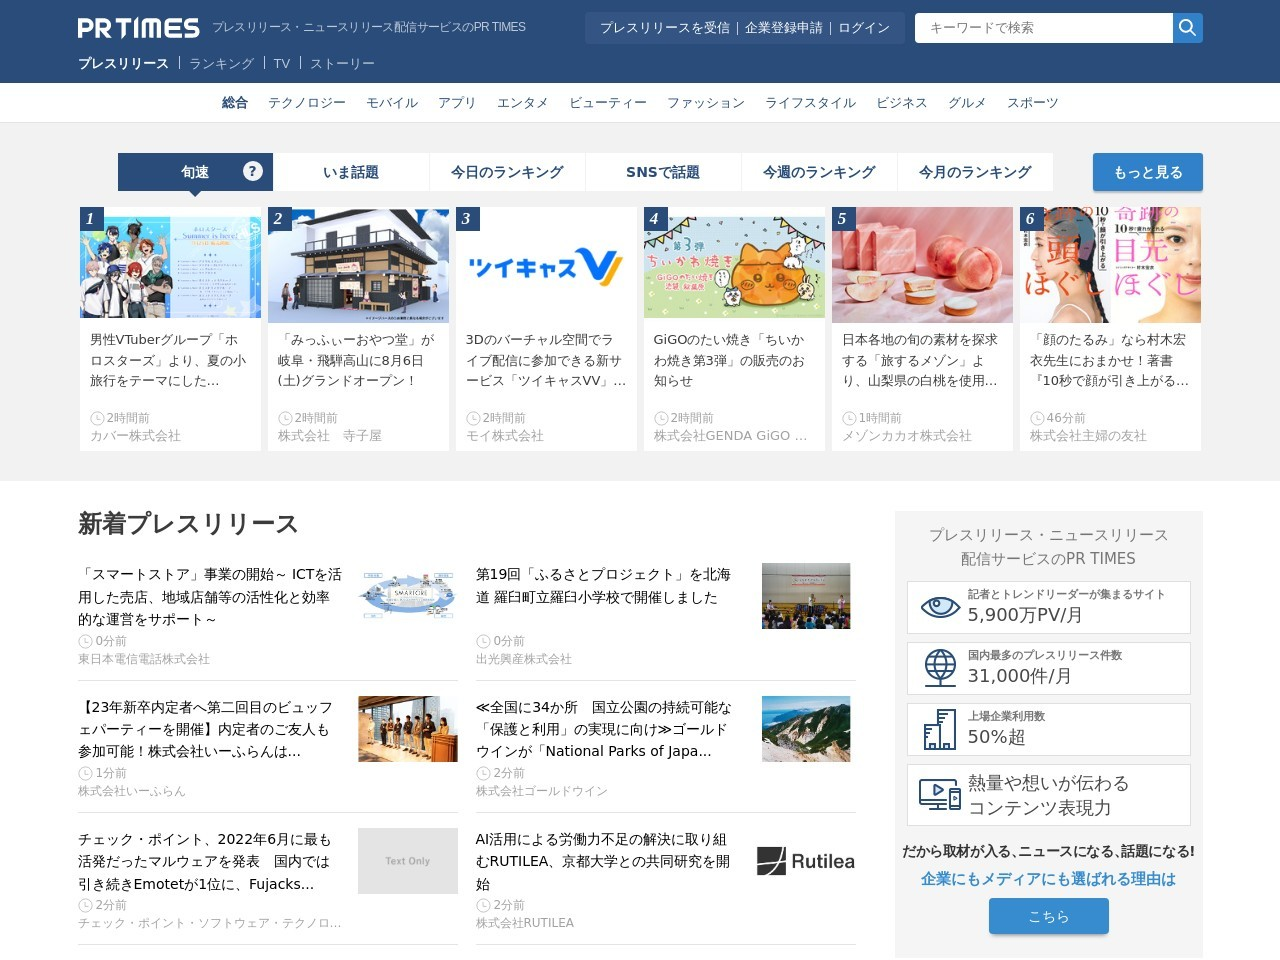 精密機器業界の「仕事にやりがいを感じる企業ランキング」発表! 1位は東京エレクトロン(企業口コミサイト …